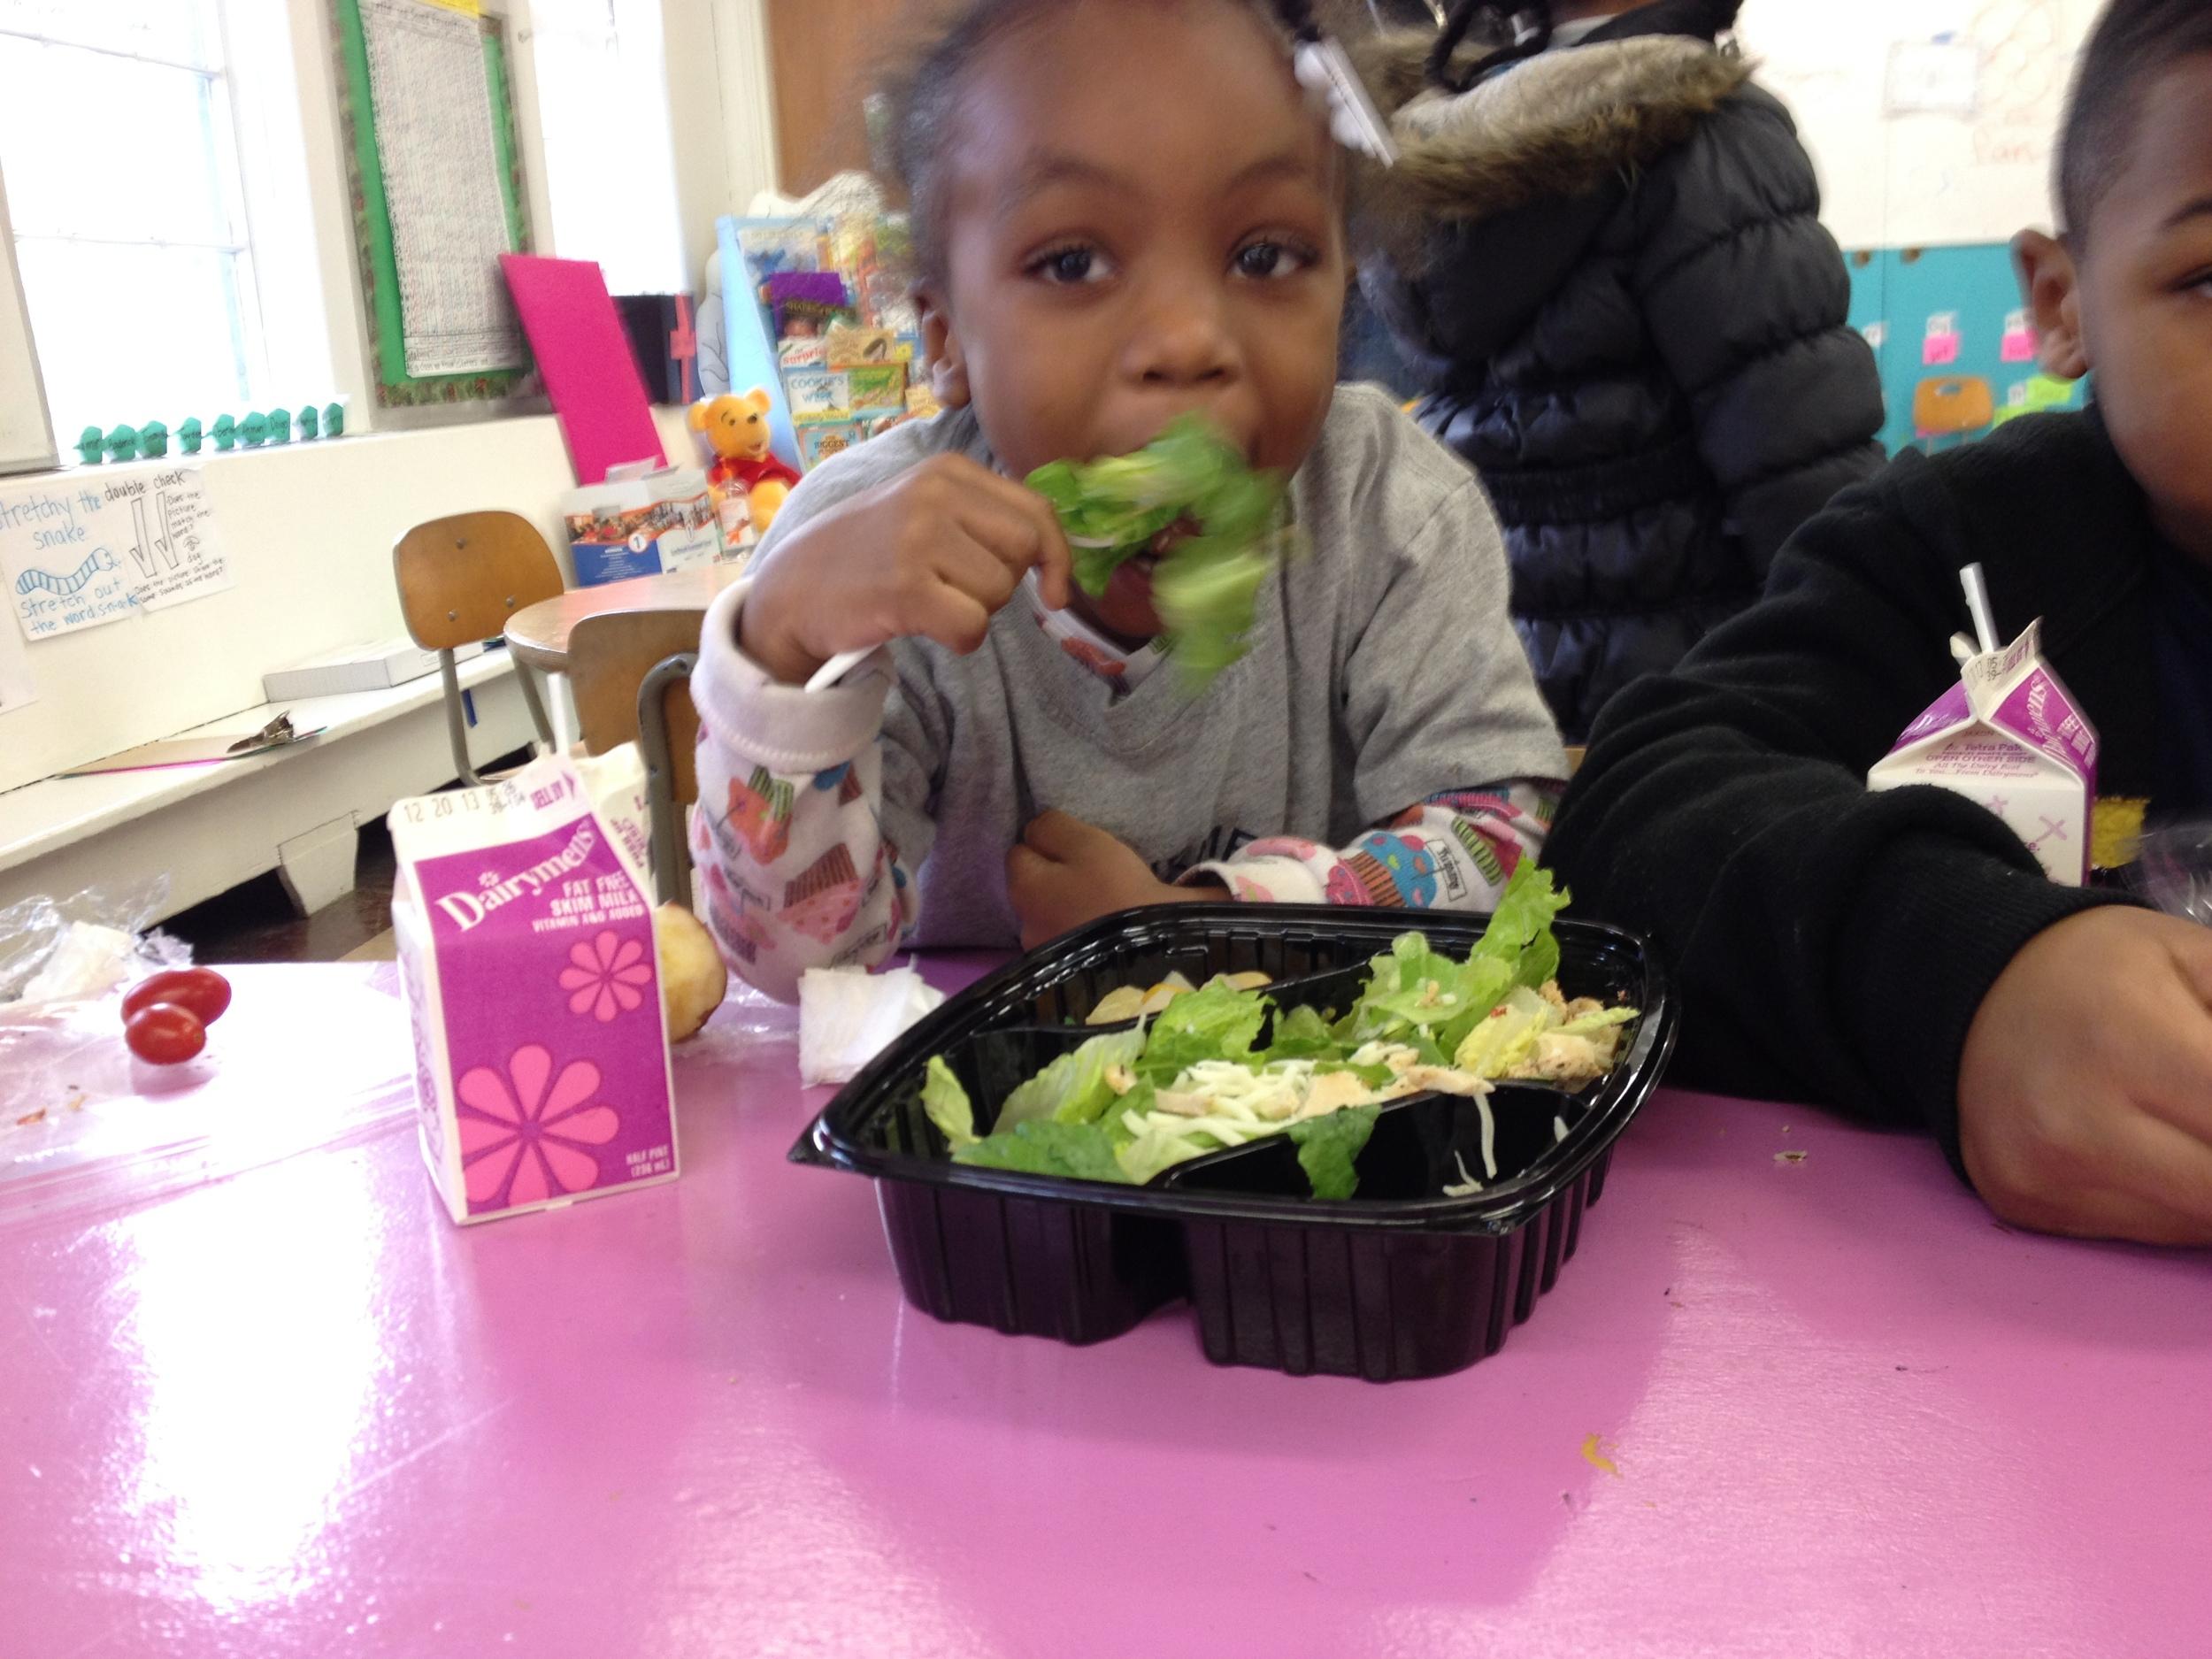 Kindergartener Brooke chomps on a Caesar salad for lunch.